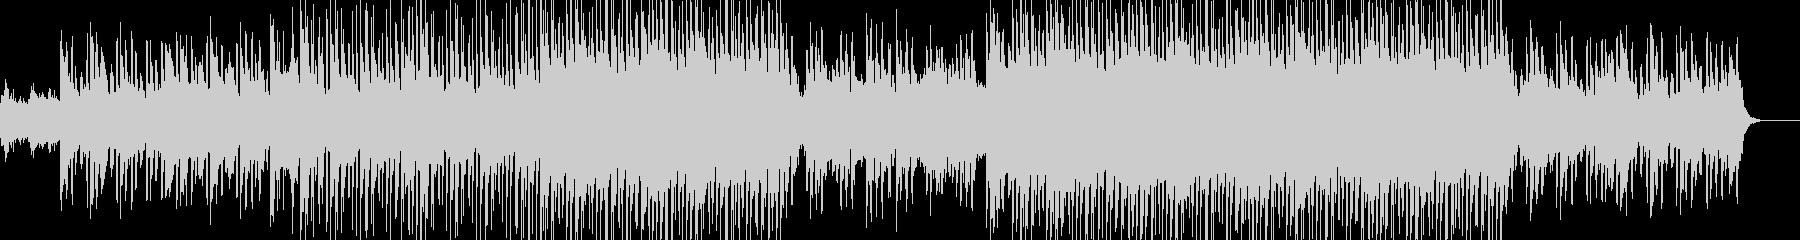 バトルゲームの会話シーンをイメージした曲の未再生の波形